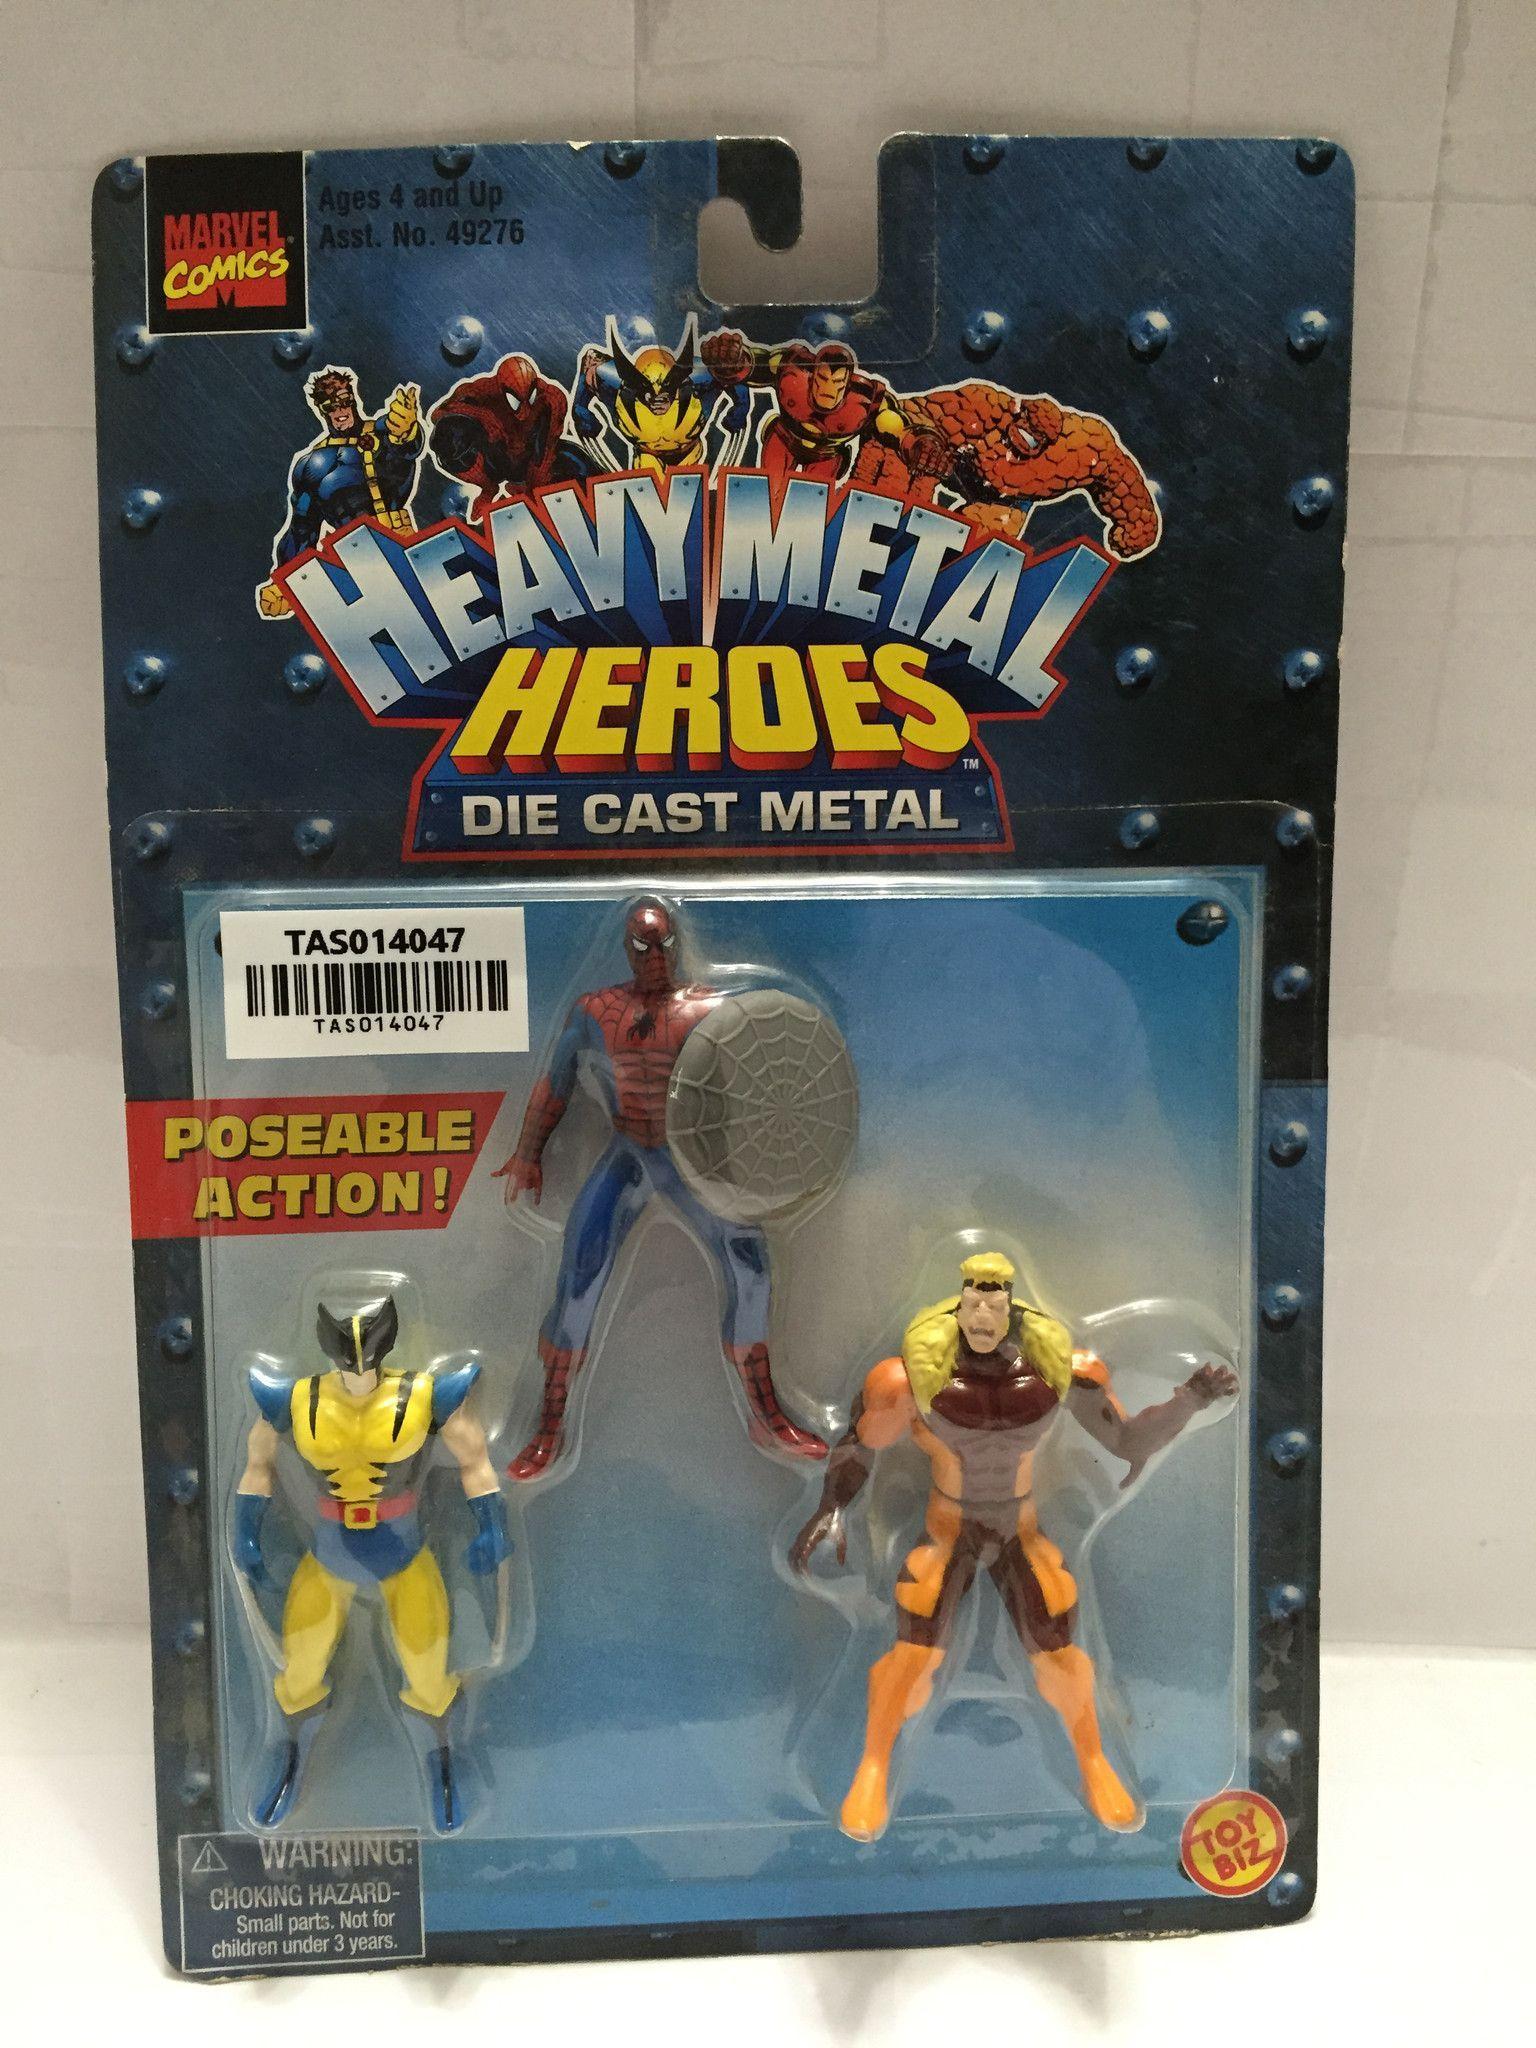 (TAS014047) - 1999 Marvel Comics Heavy Metal Heroes Die Cast Metal 3-pk